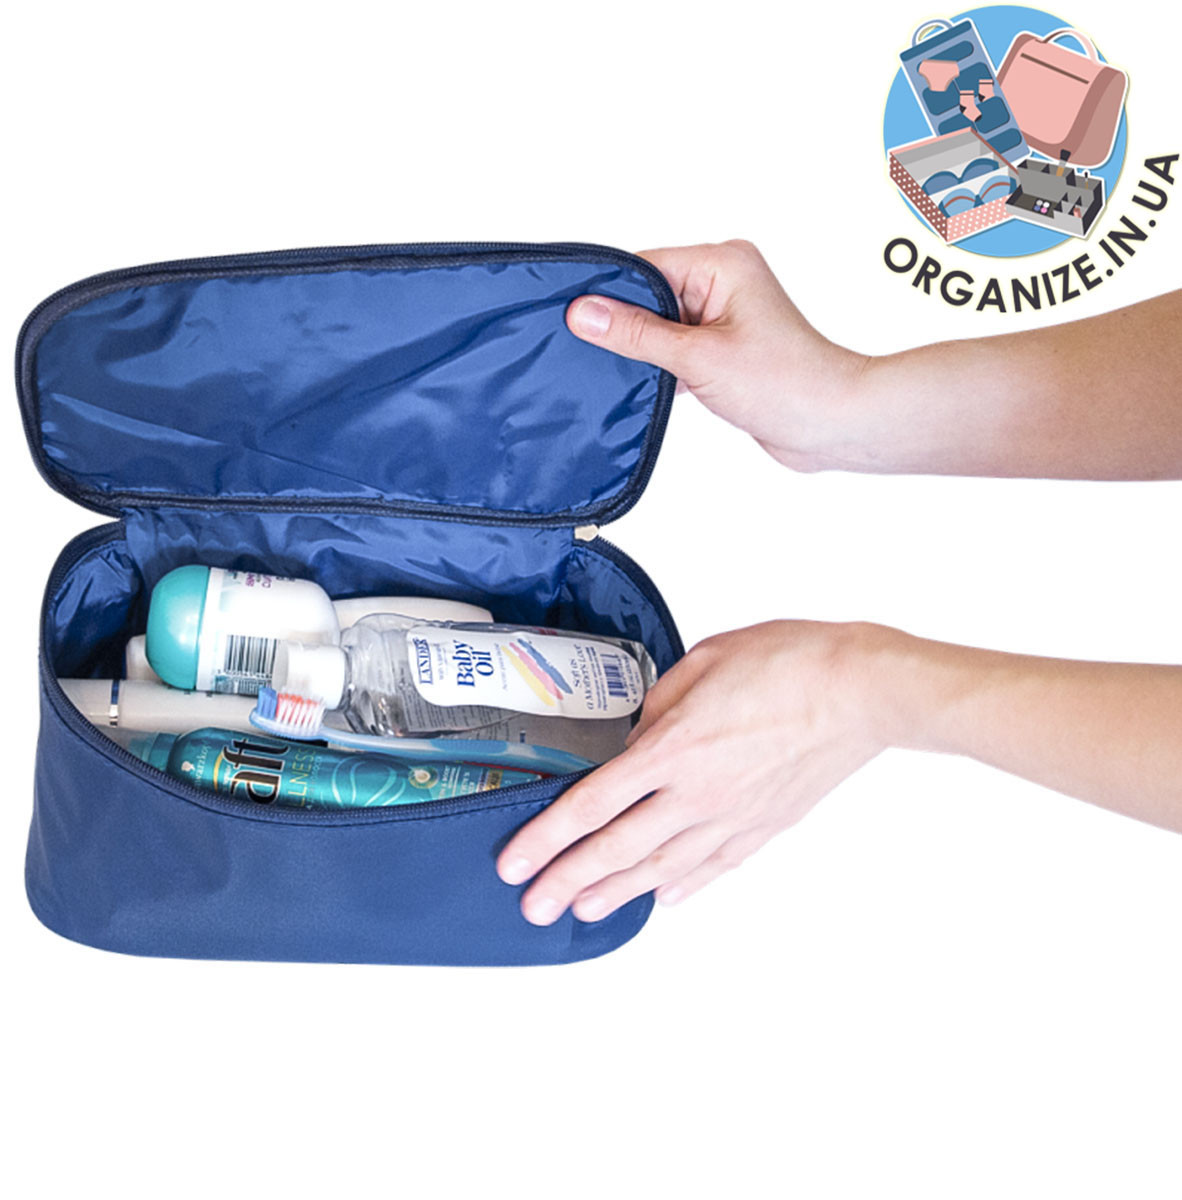 Косметичка для путешествий мужская ORGANIZE (синий)